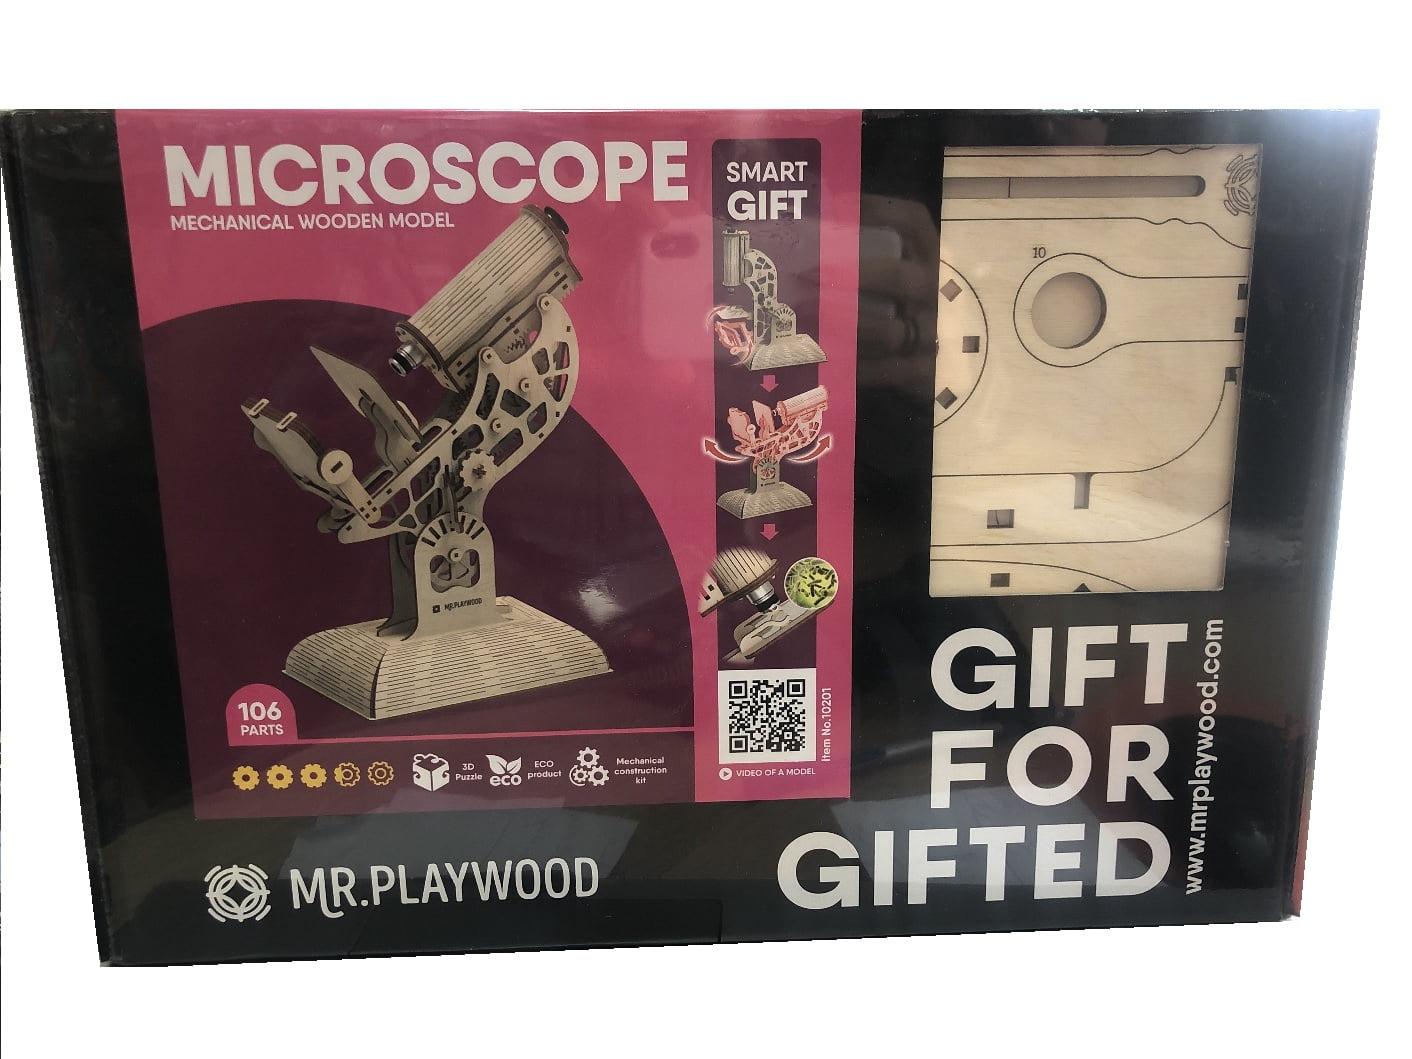 Мікроскоп. Механічна дерев'яна 3D-модель